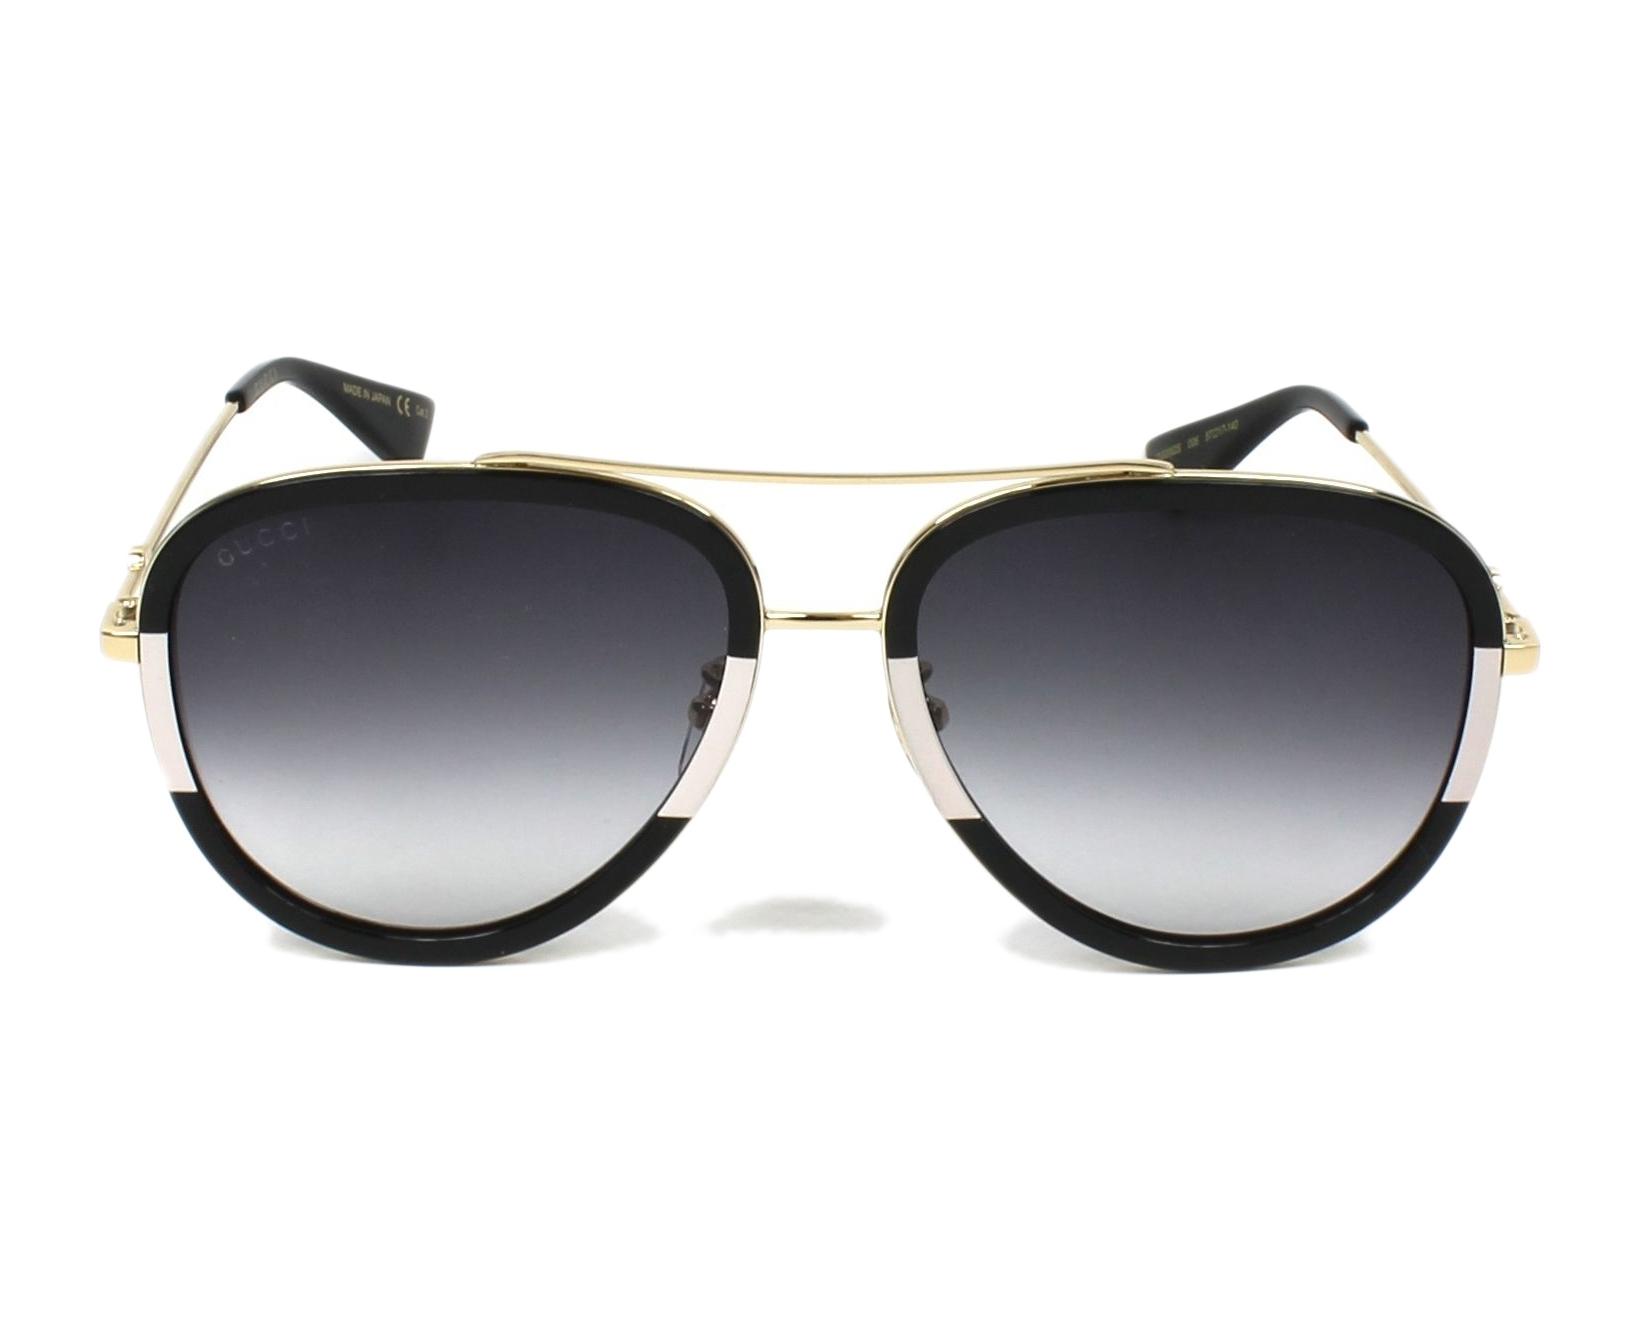 8d95a8d2bed Gafas de sol Gucci GG-0062-S 006 - Negra Blanco vista de frente